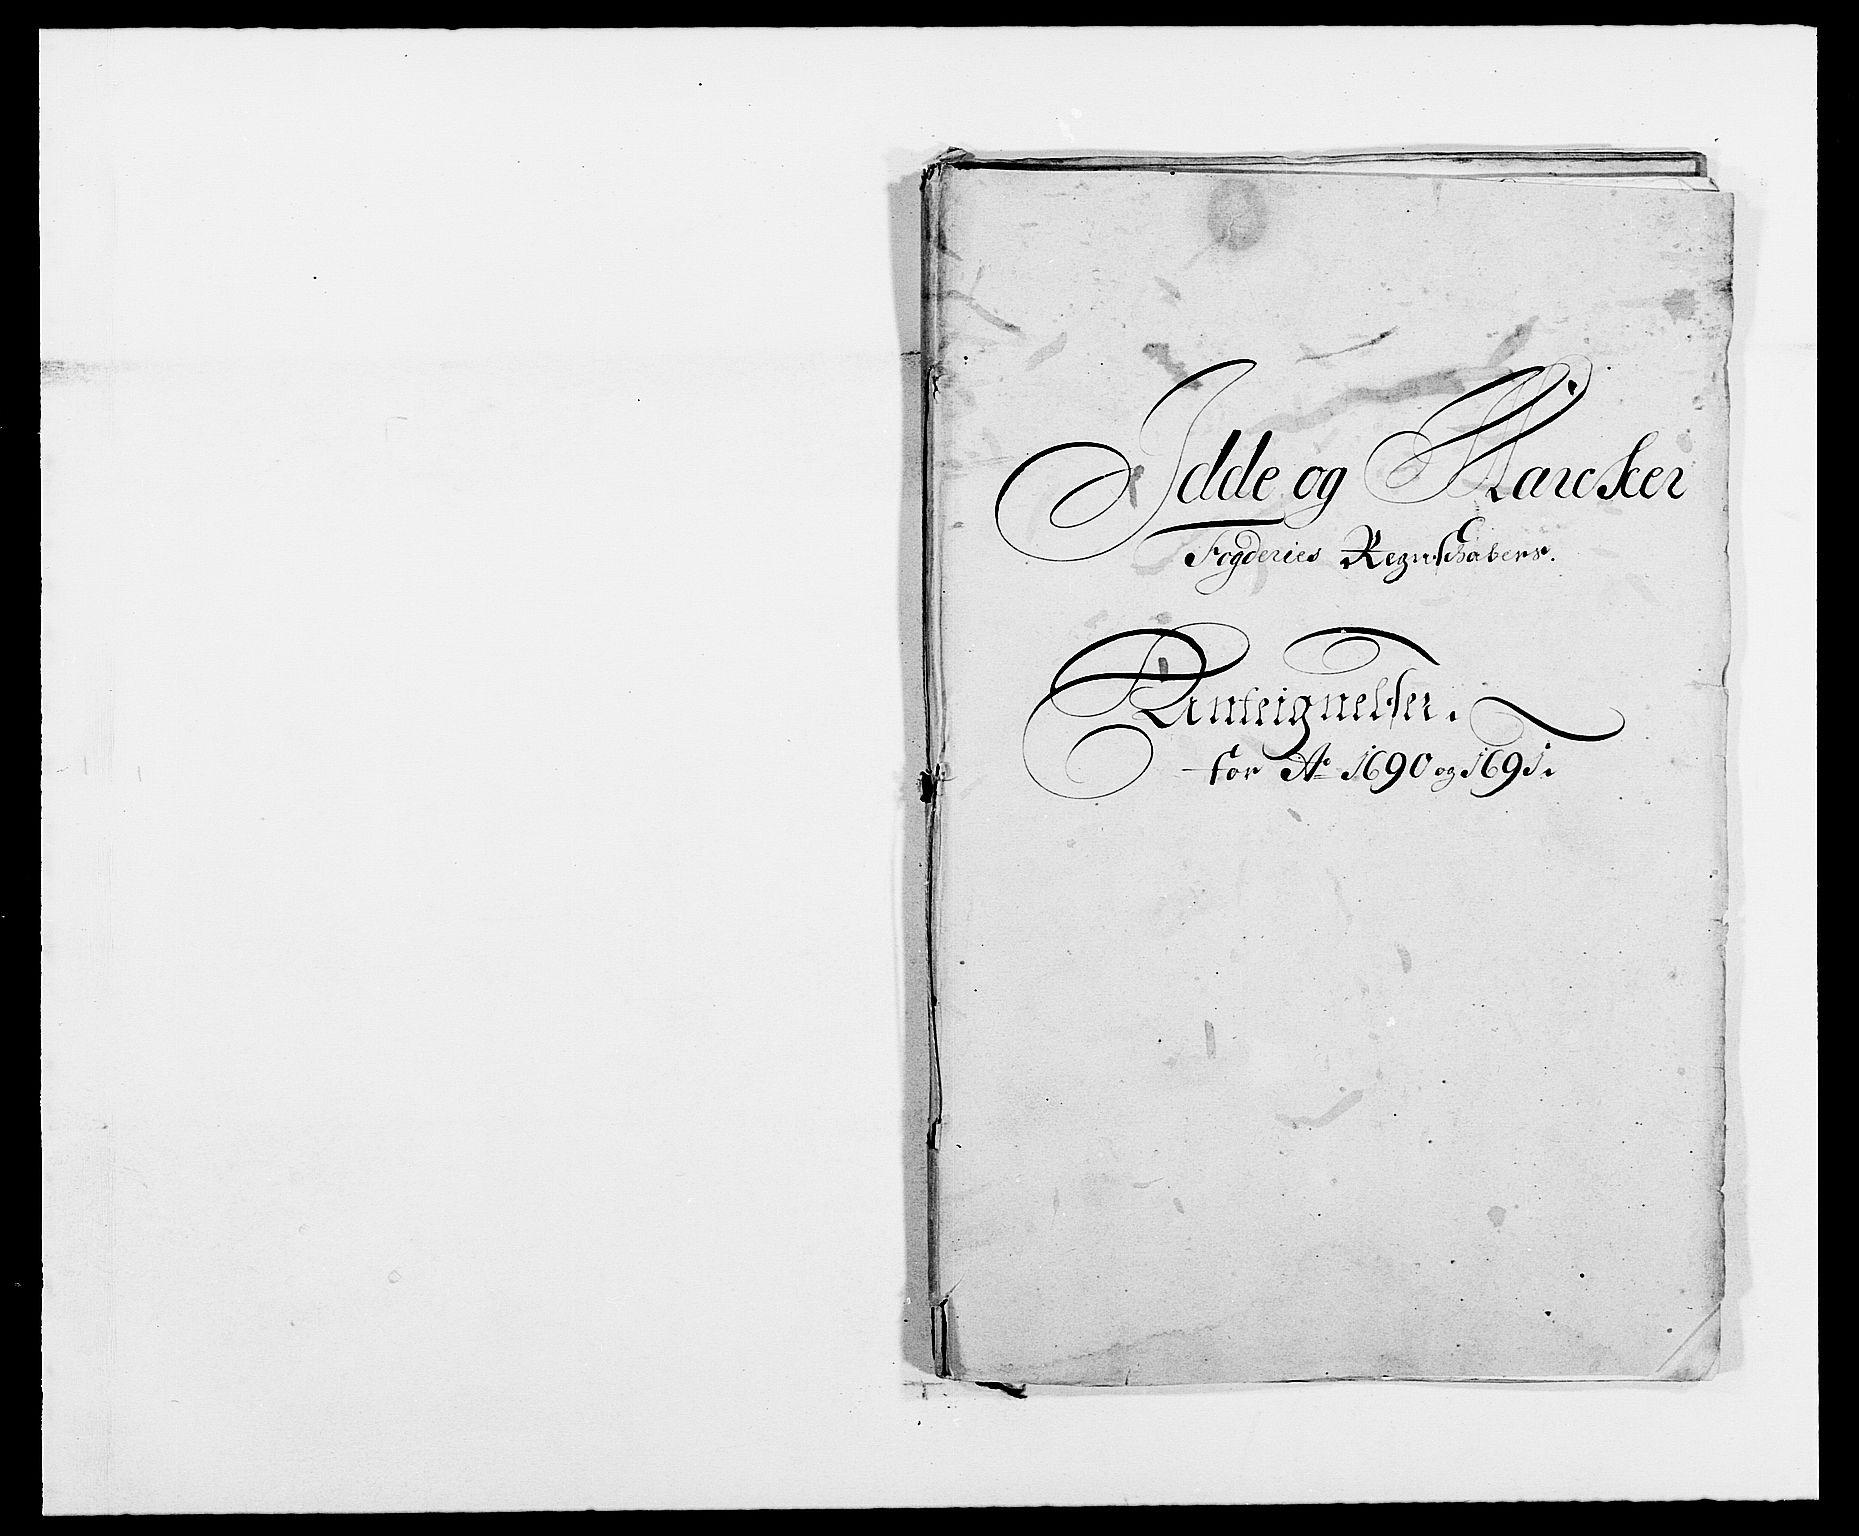 RA, Rentekammeret inntil 1814, Reviderte regnskaper, Fogderegnskap, R01/L0010: Fogderegnskap Idd og Marker, 1690-1691, s. 109